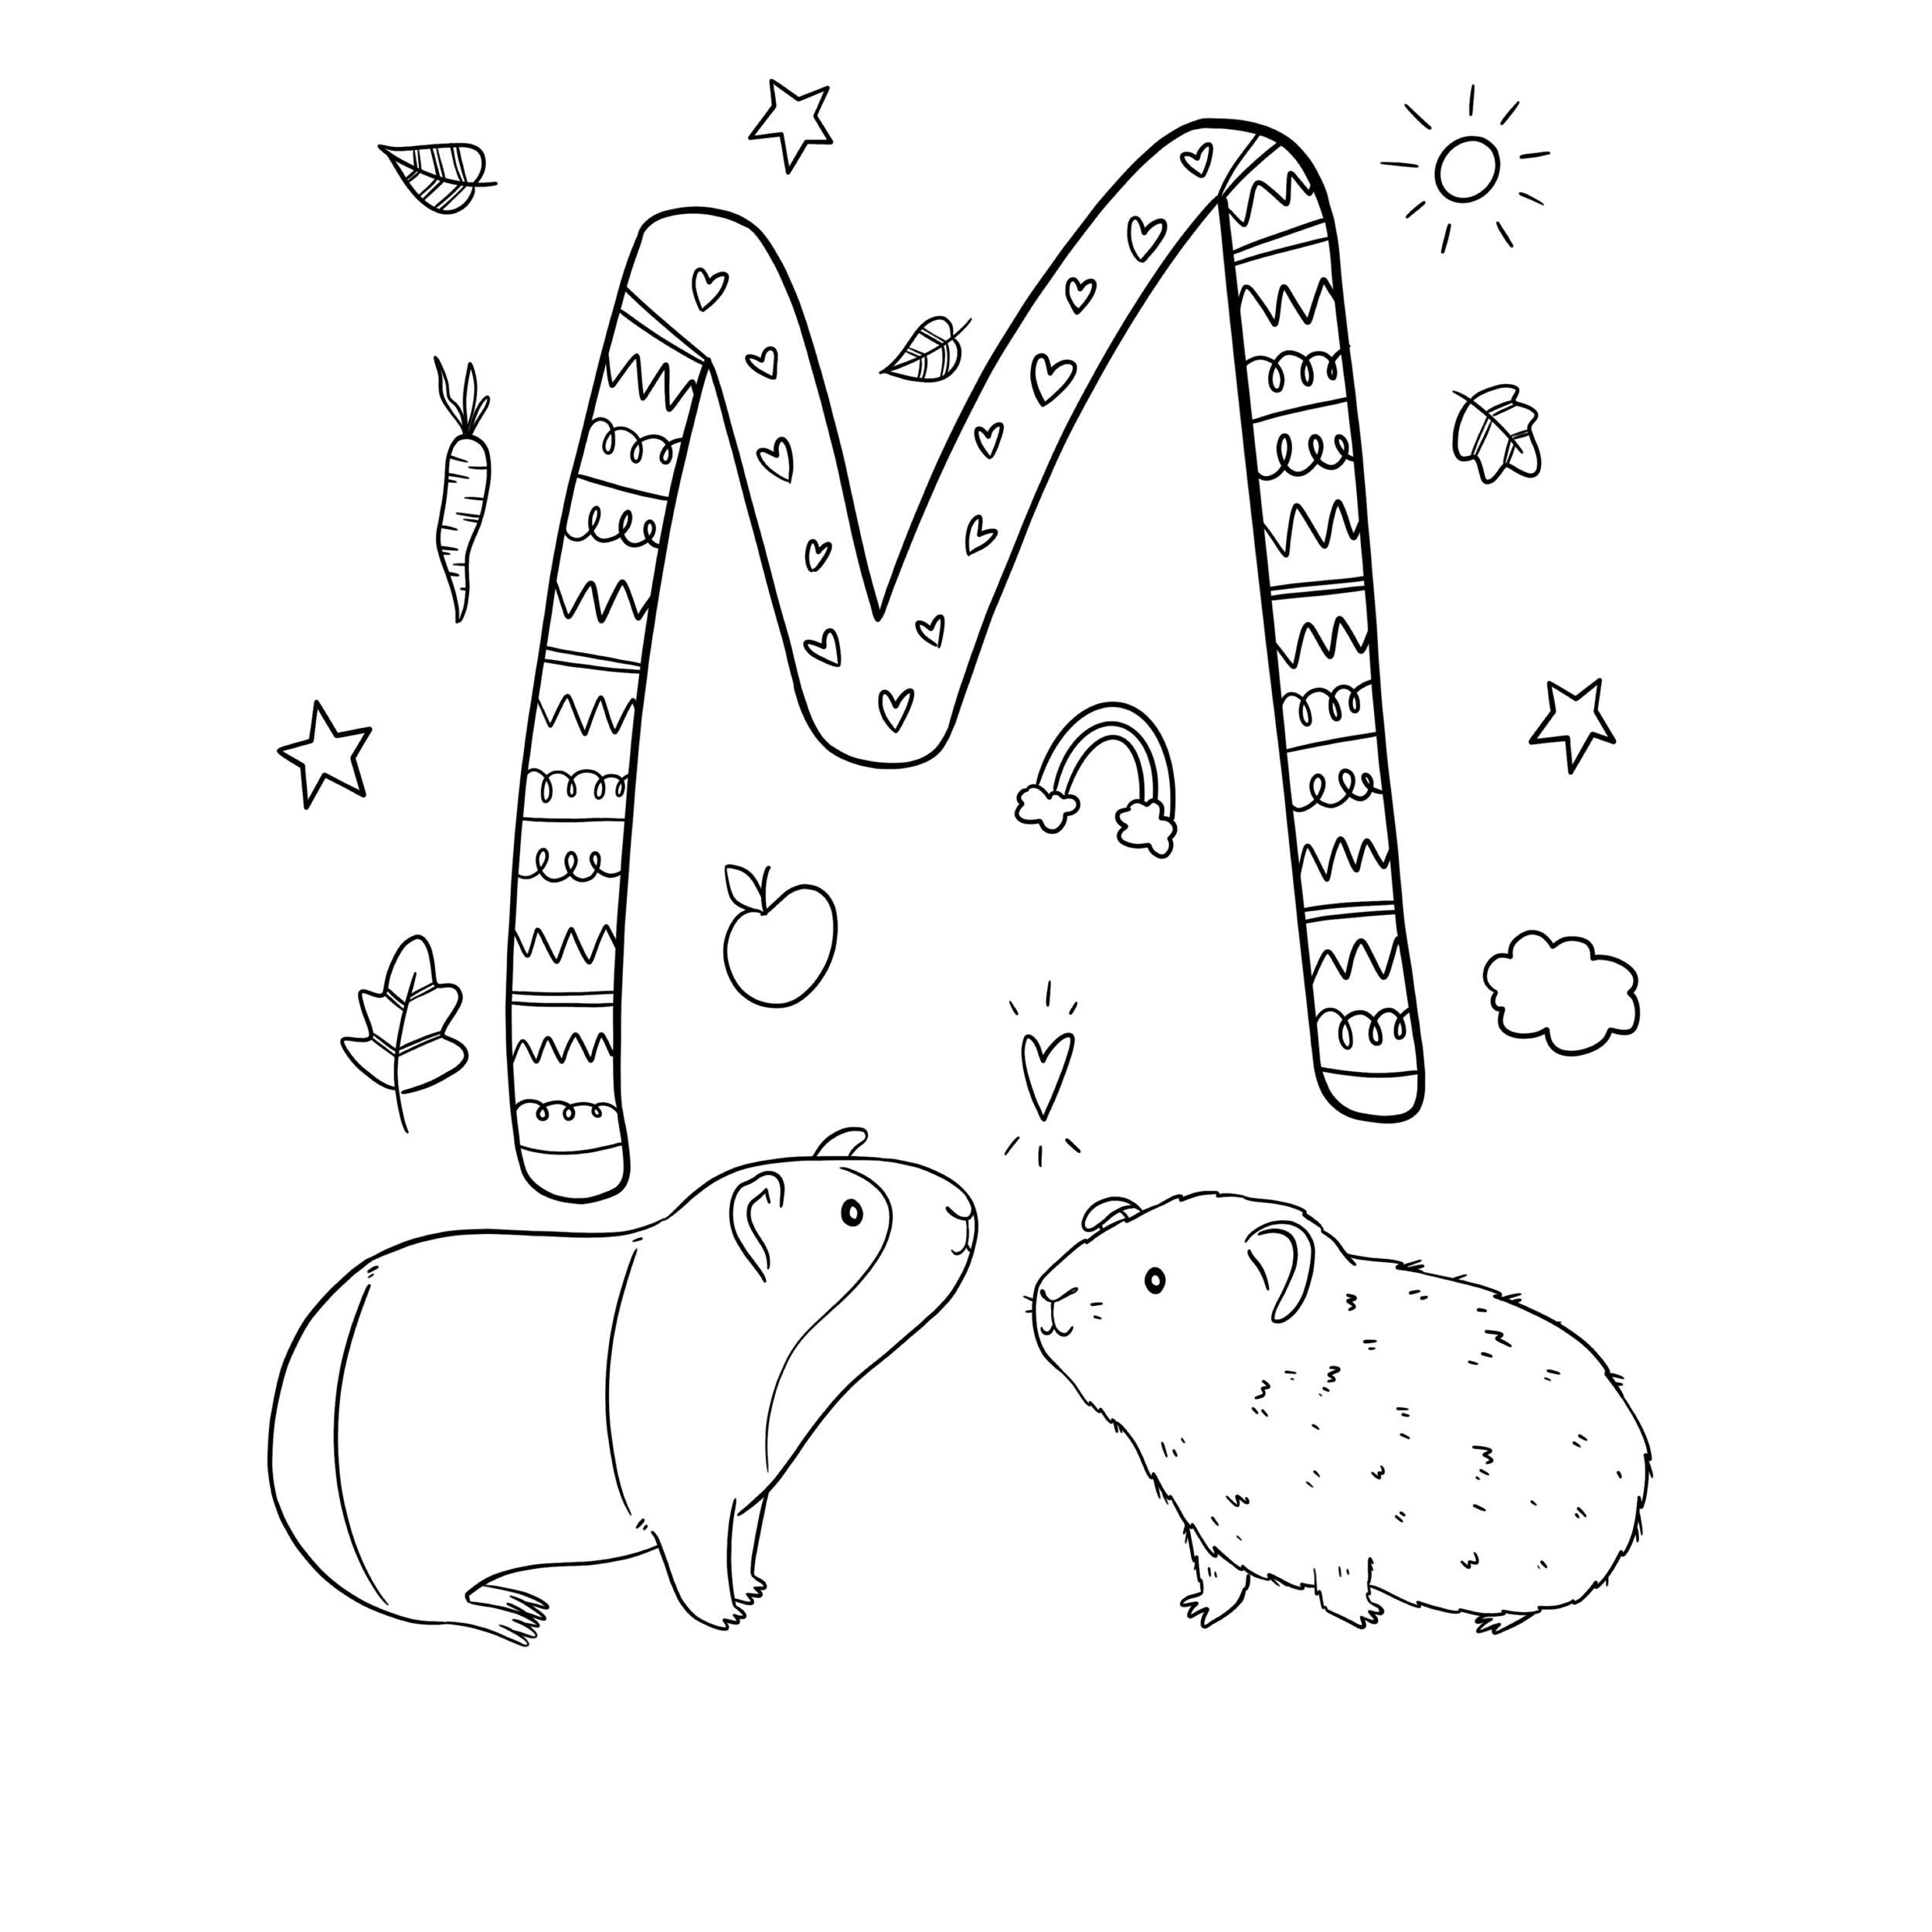 Ausmalbild M Wie Verliebte Meerschweinchen Von Alexa Malt innen Ausmalbild Meerschweinchen